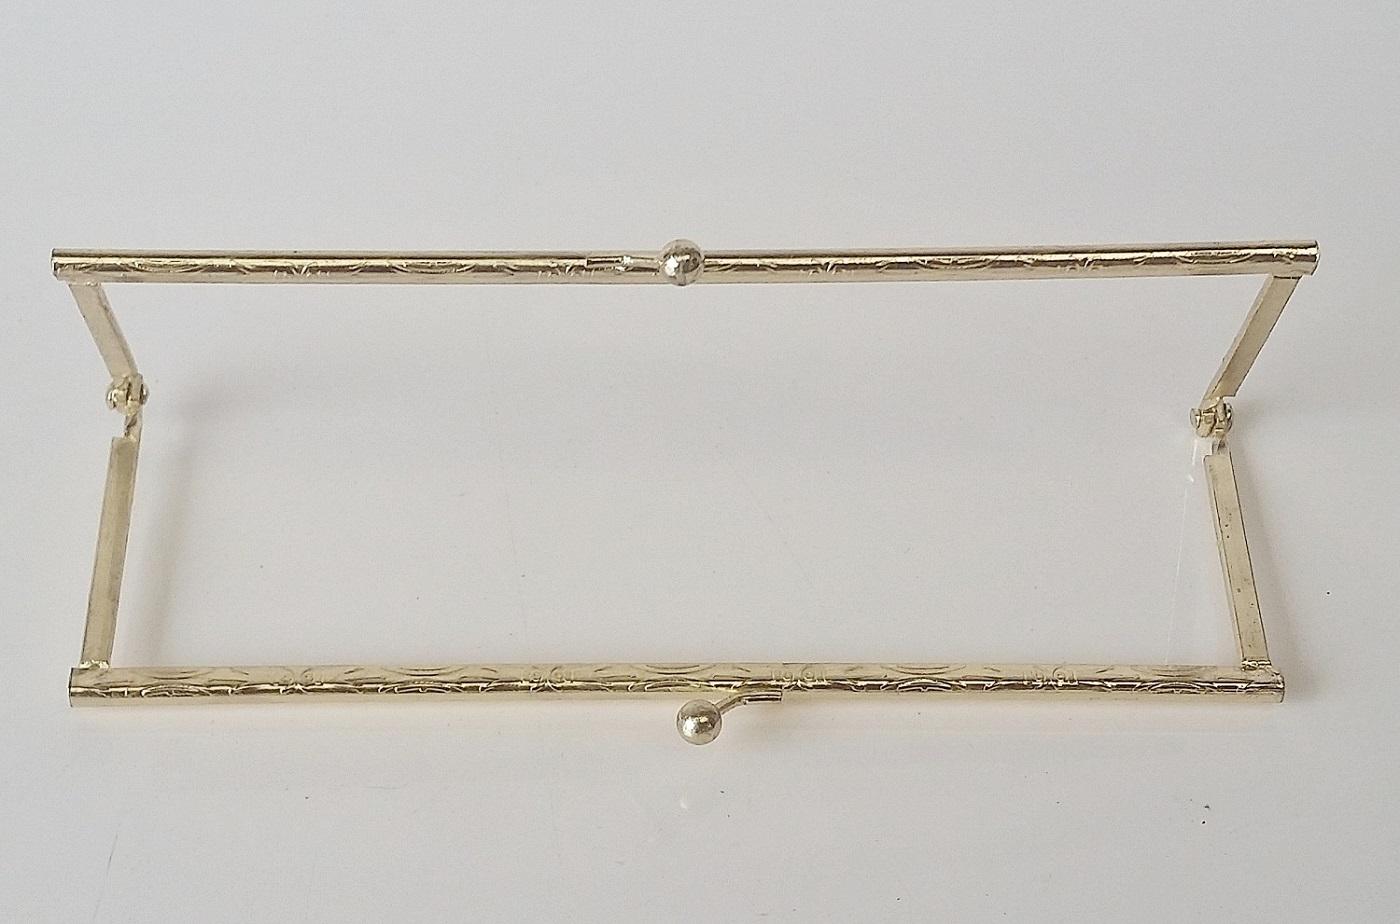 Armação 18cm x 6cm Desenhada c/ furos p/ costura Latonada